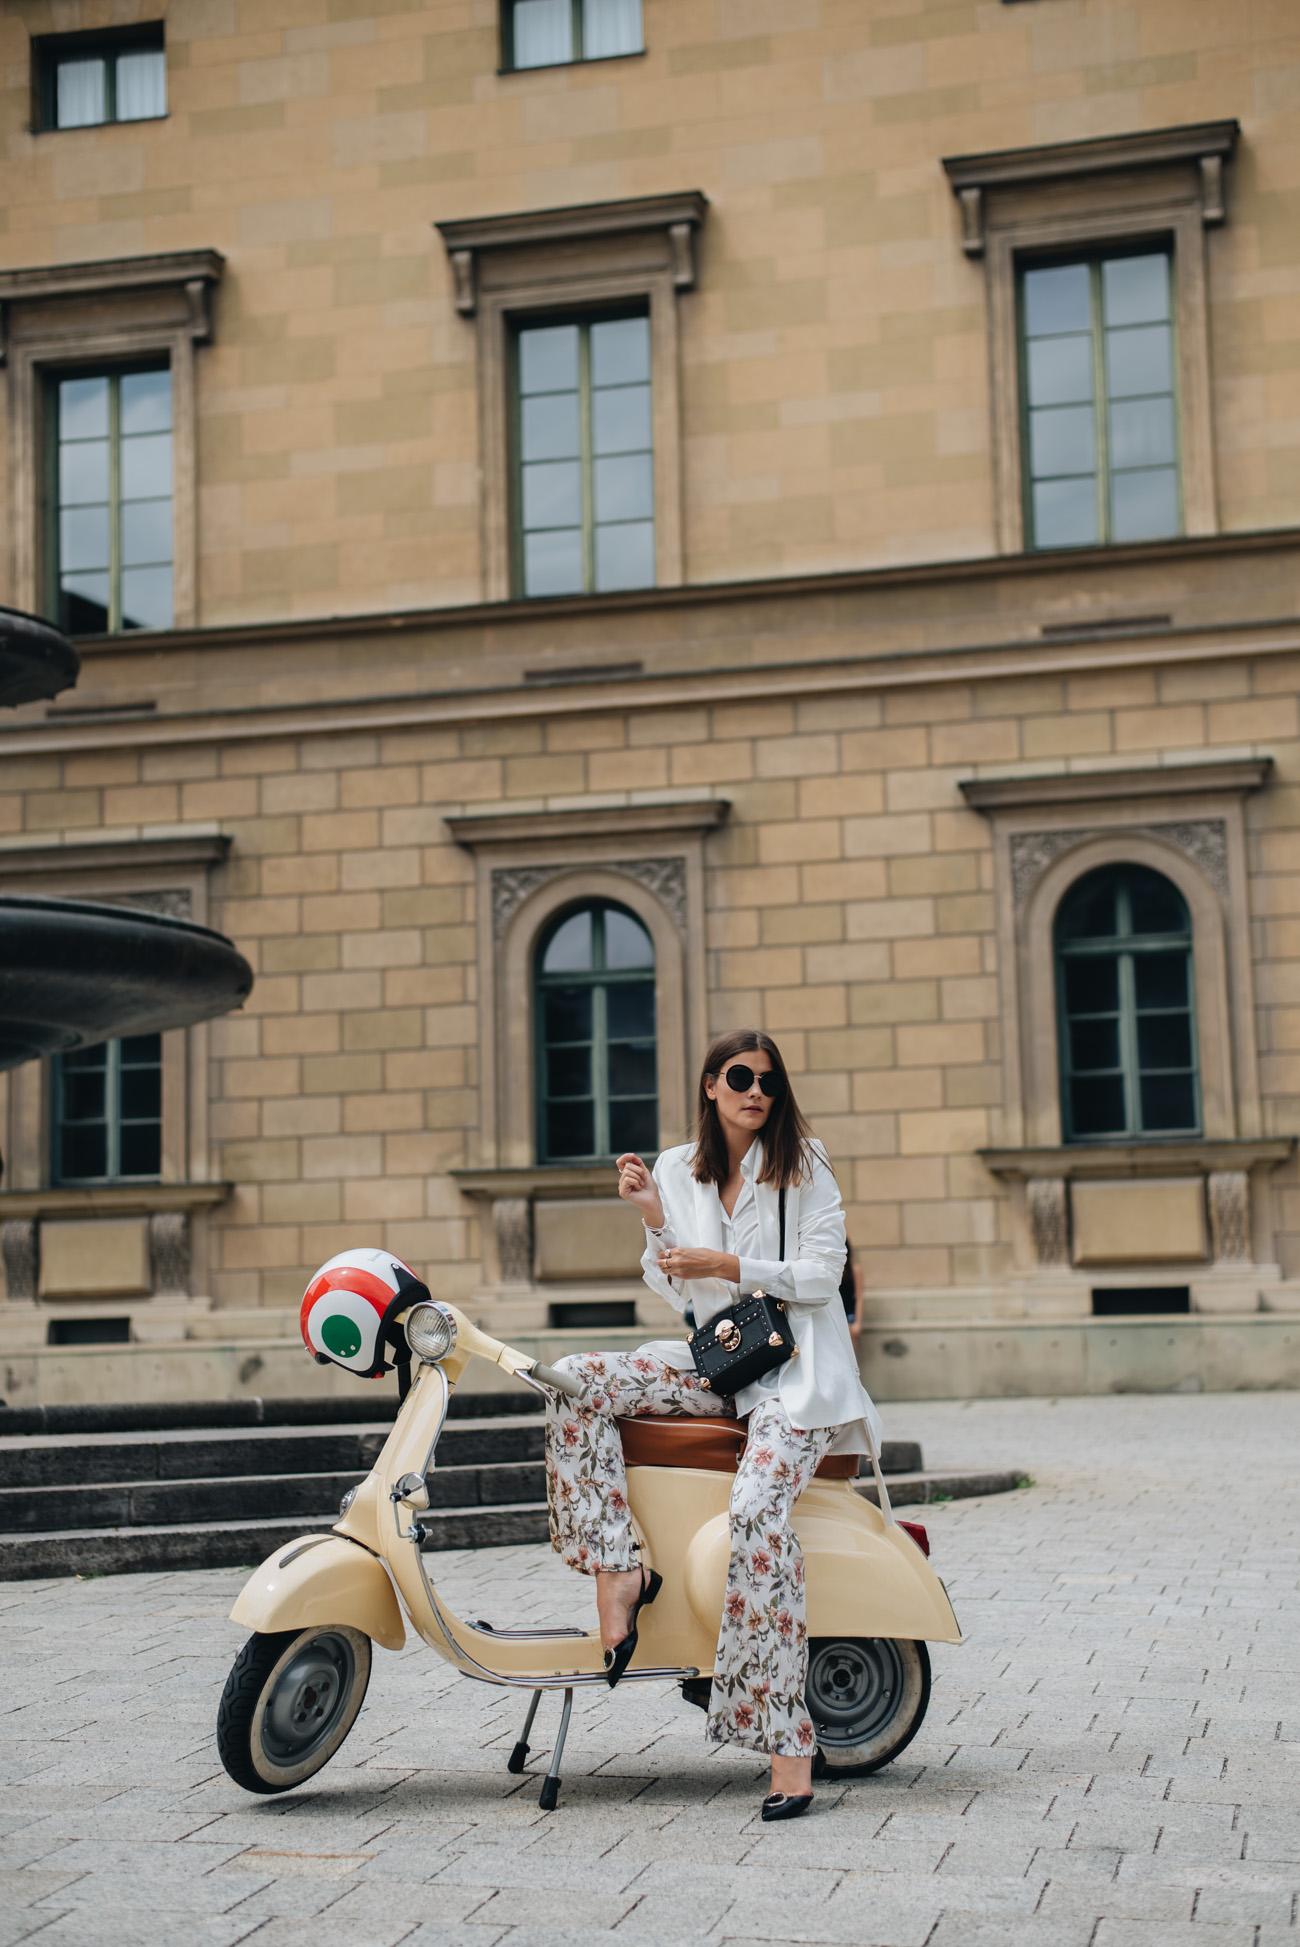 Fashion-foto-shooting-mit-alter-vespa-retro-roller-50l-beige-nina-schwichtenberg-fashiioncarpet